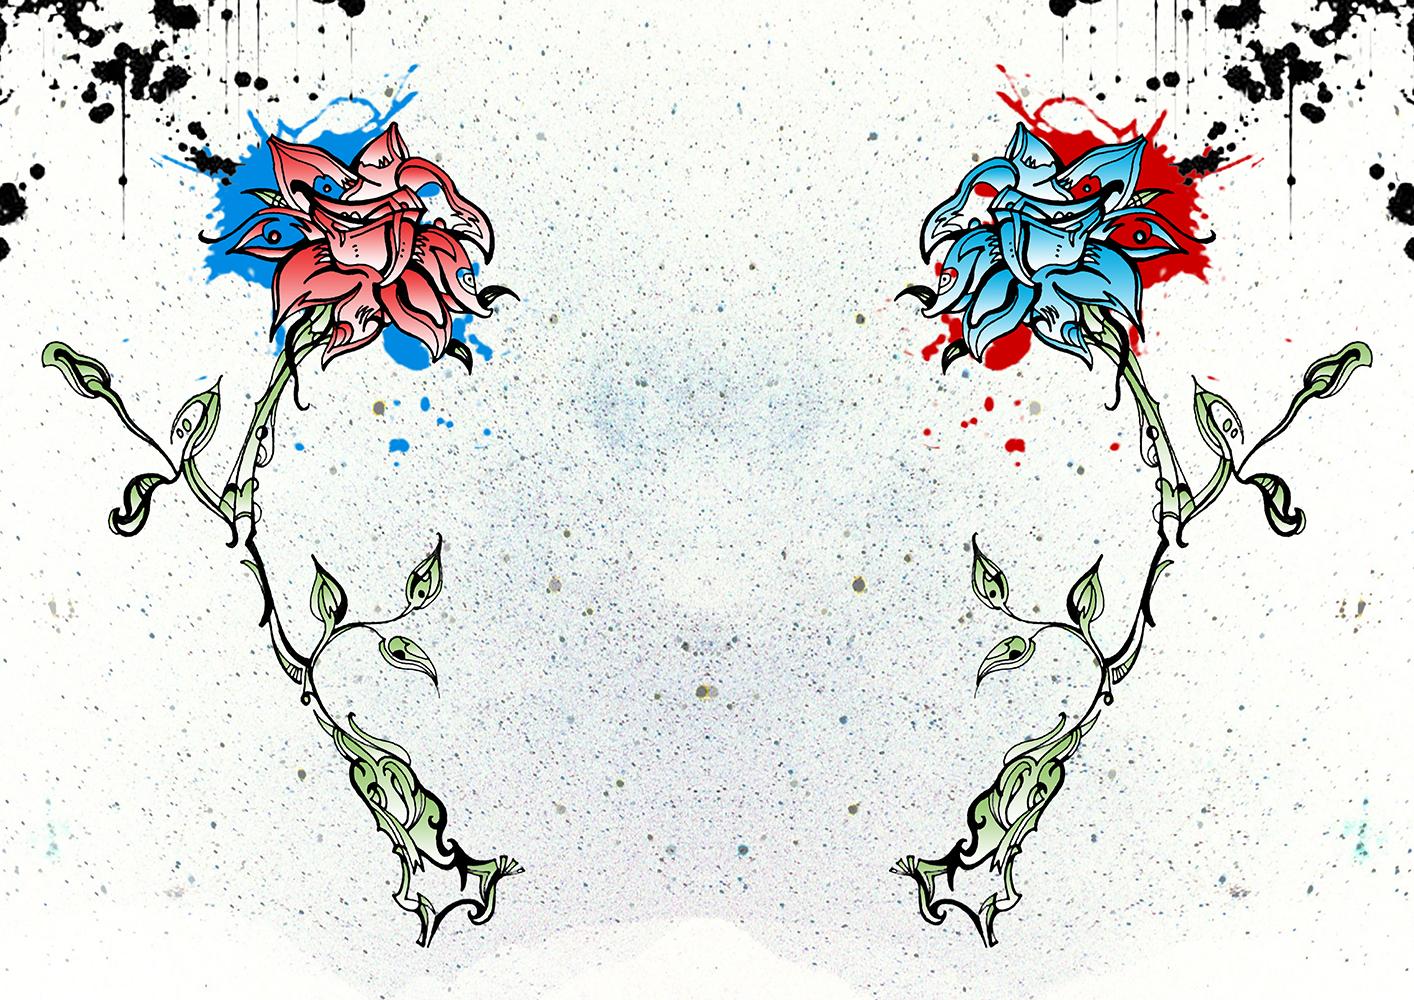 Kunstwerk gemaakt door Jeroen getiteld The Red and Blue flowers